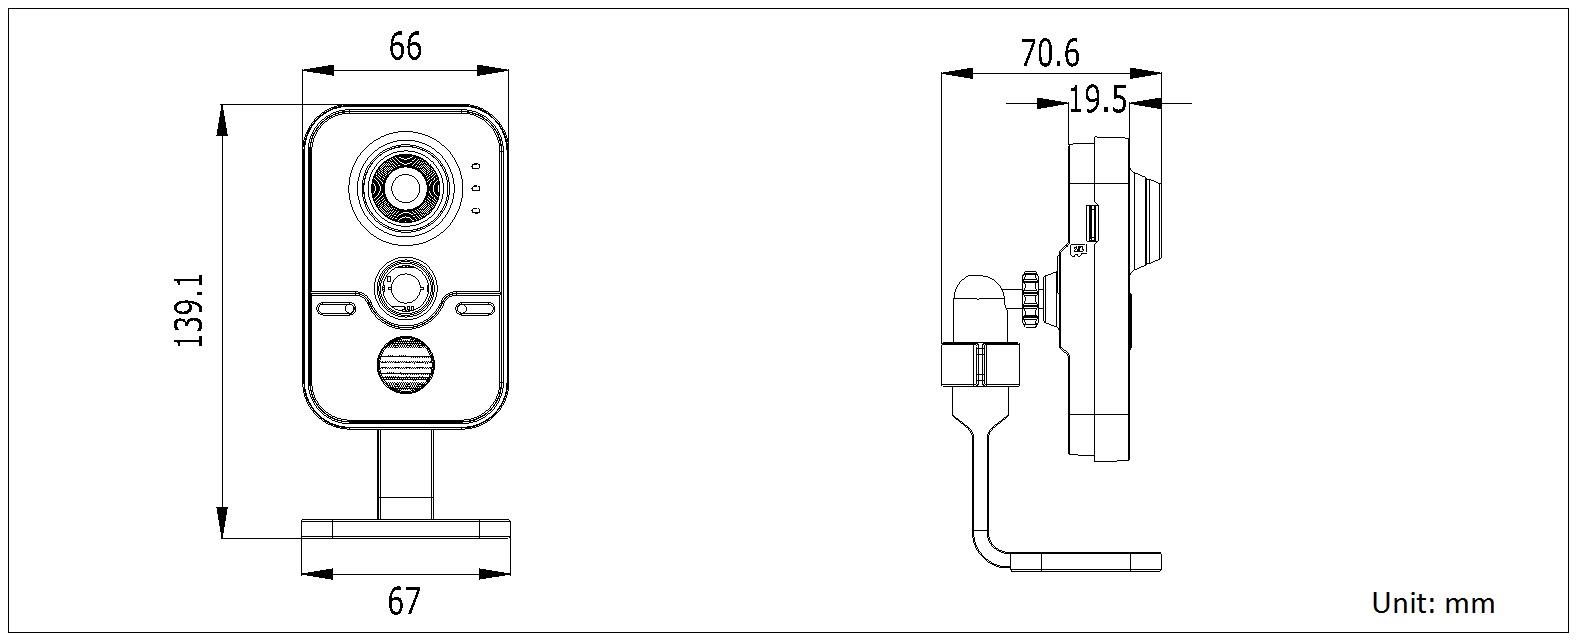 海康威视 DS-2CD3412FD-IW 130万1/3 CMOS多功能报警卡片型网络摄像机尺寸